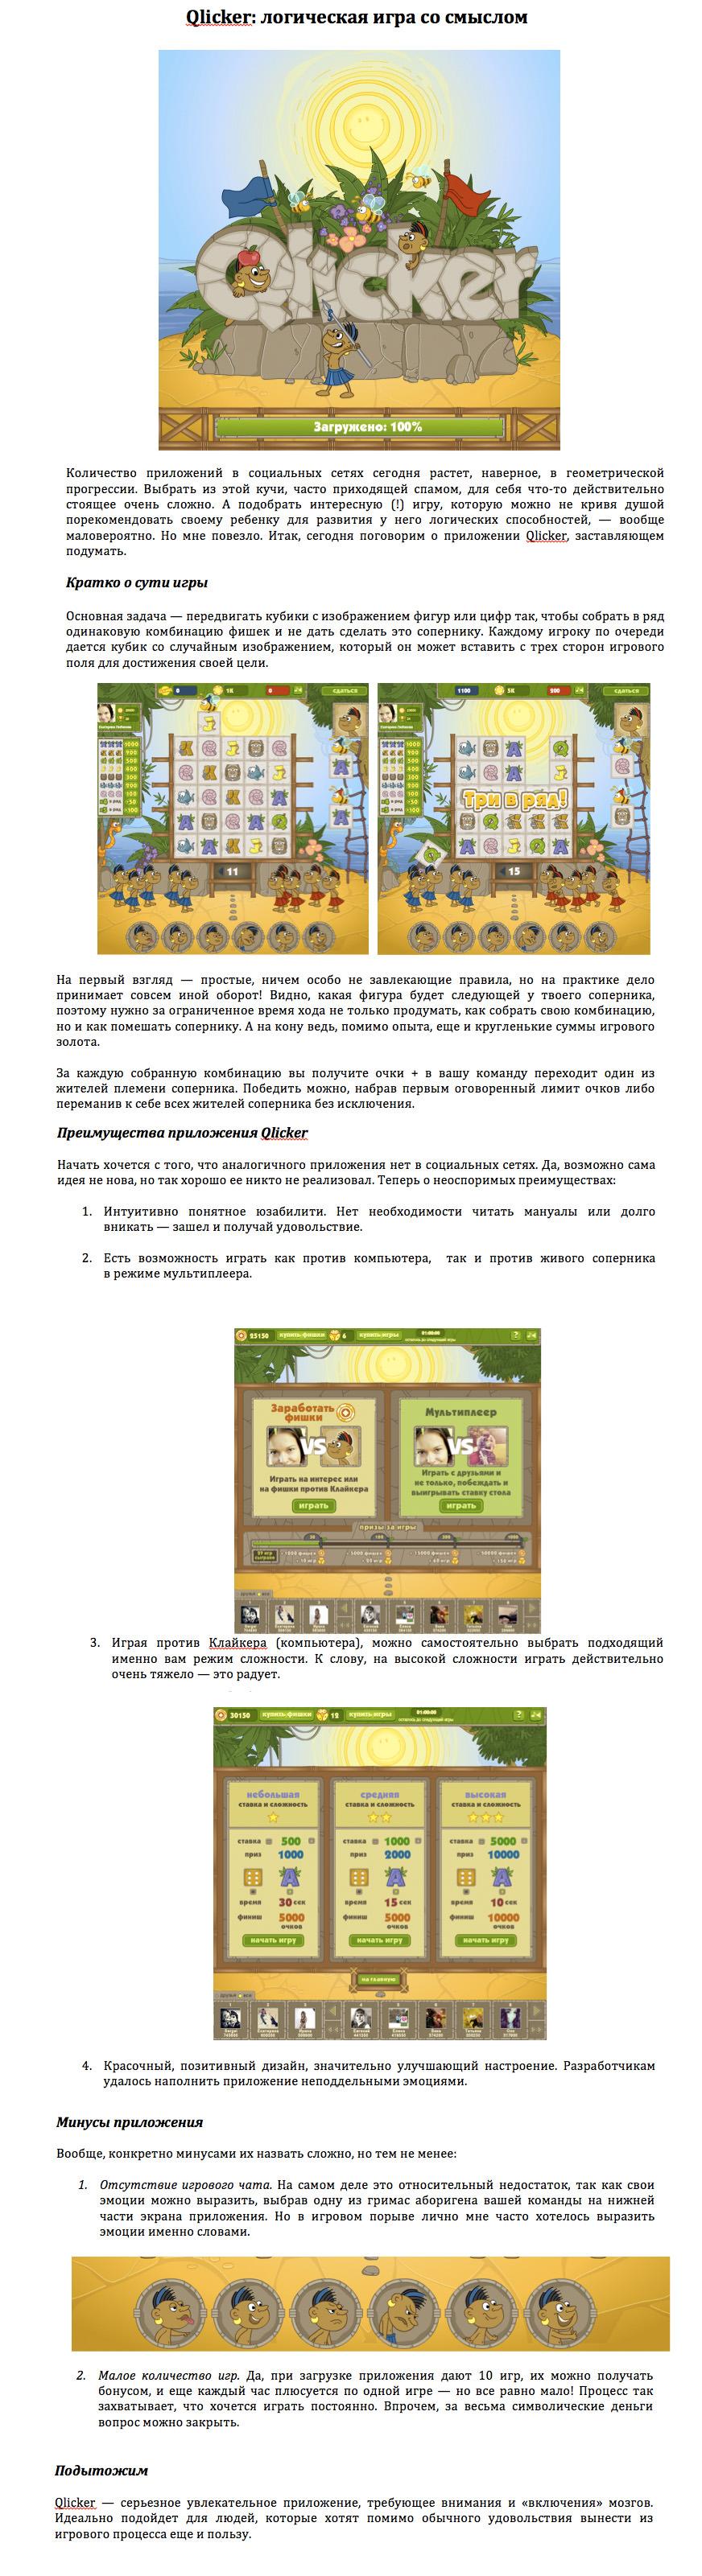 Обзор игры для ВКонтакте